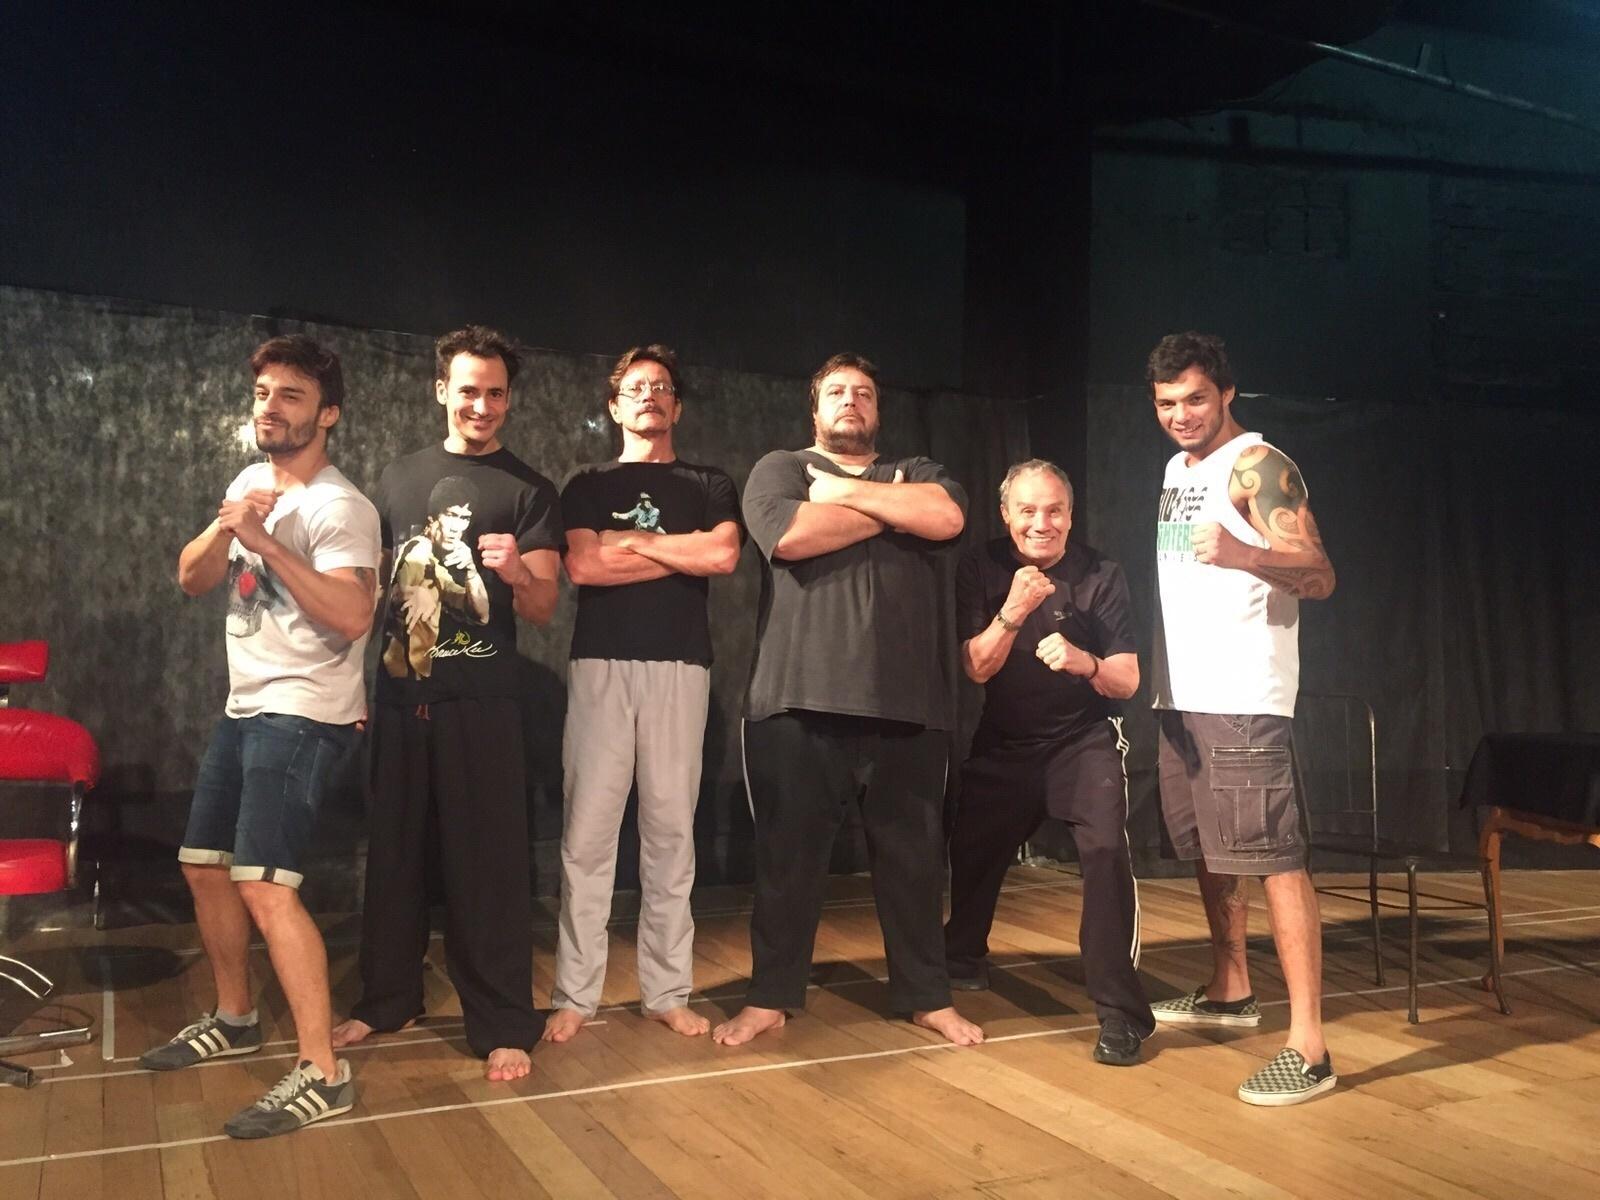 Stênio Garcia treina com Milton Vieira, ex-lutador do UFC, para interpreta lutador de MMA no teatro